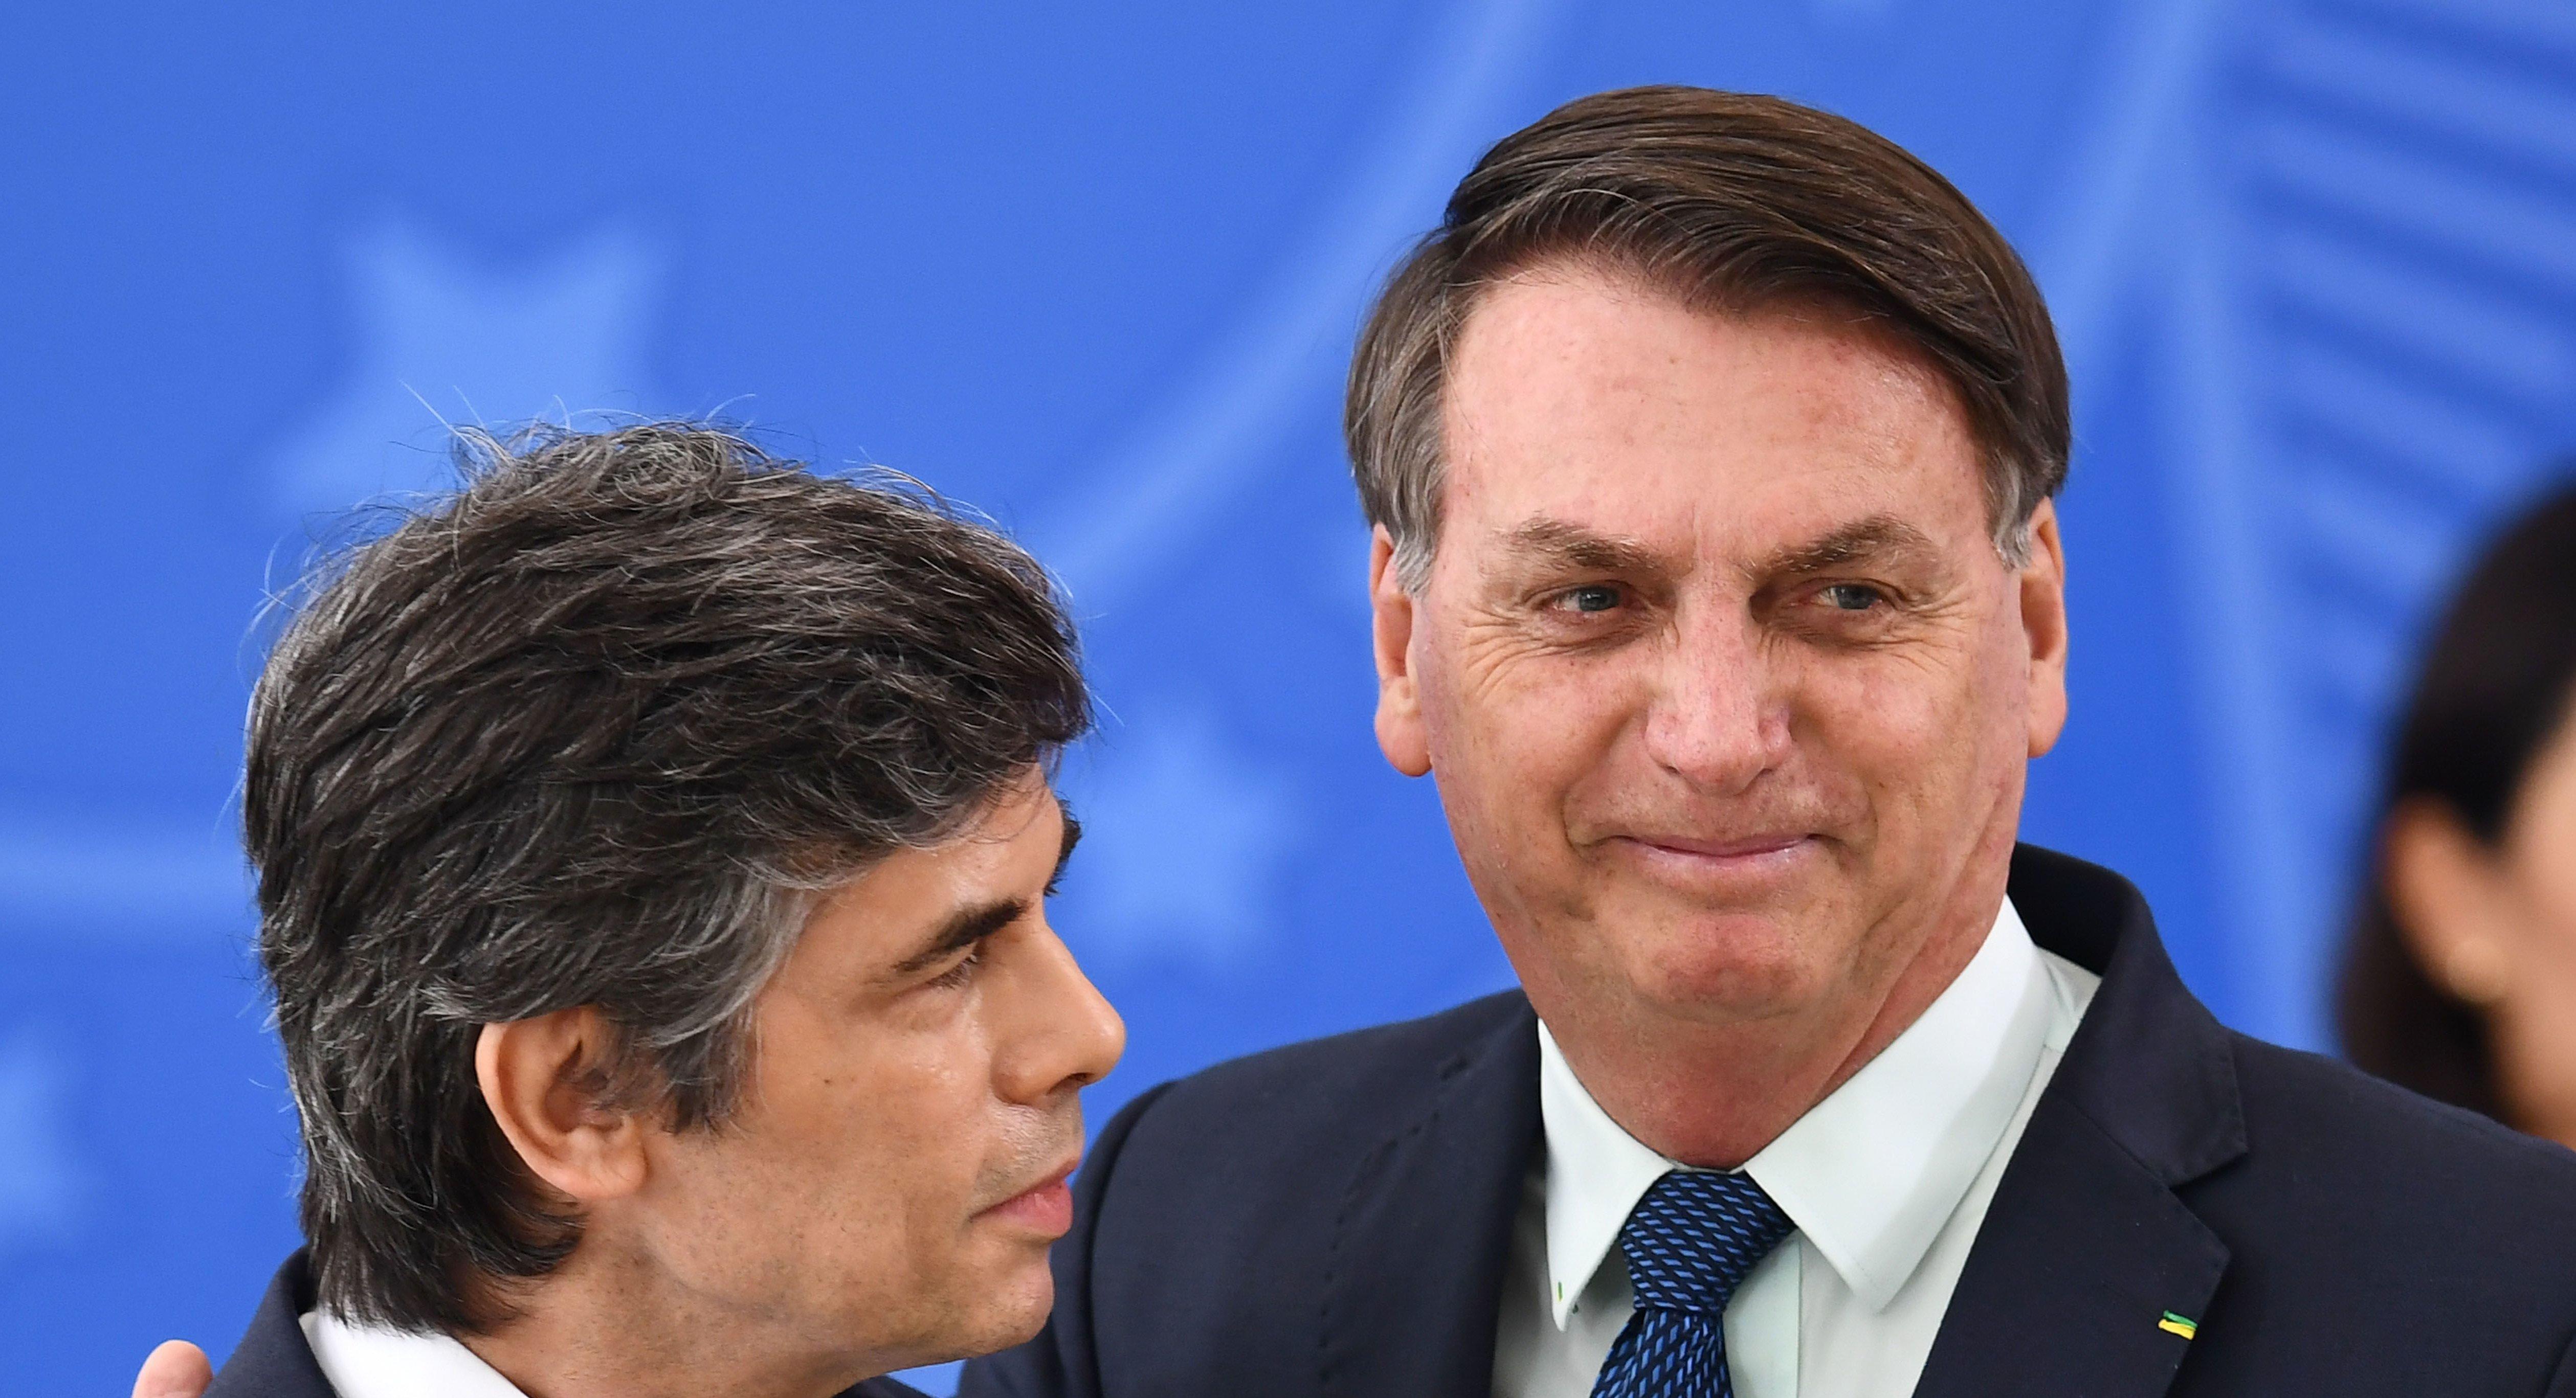 Segunda dimisión de un ministro de Salud en Brasil en un mes, con cifras récord de muertes por Covid-19